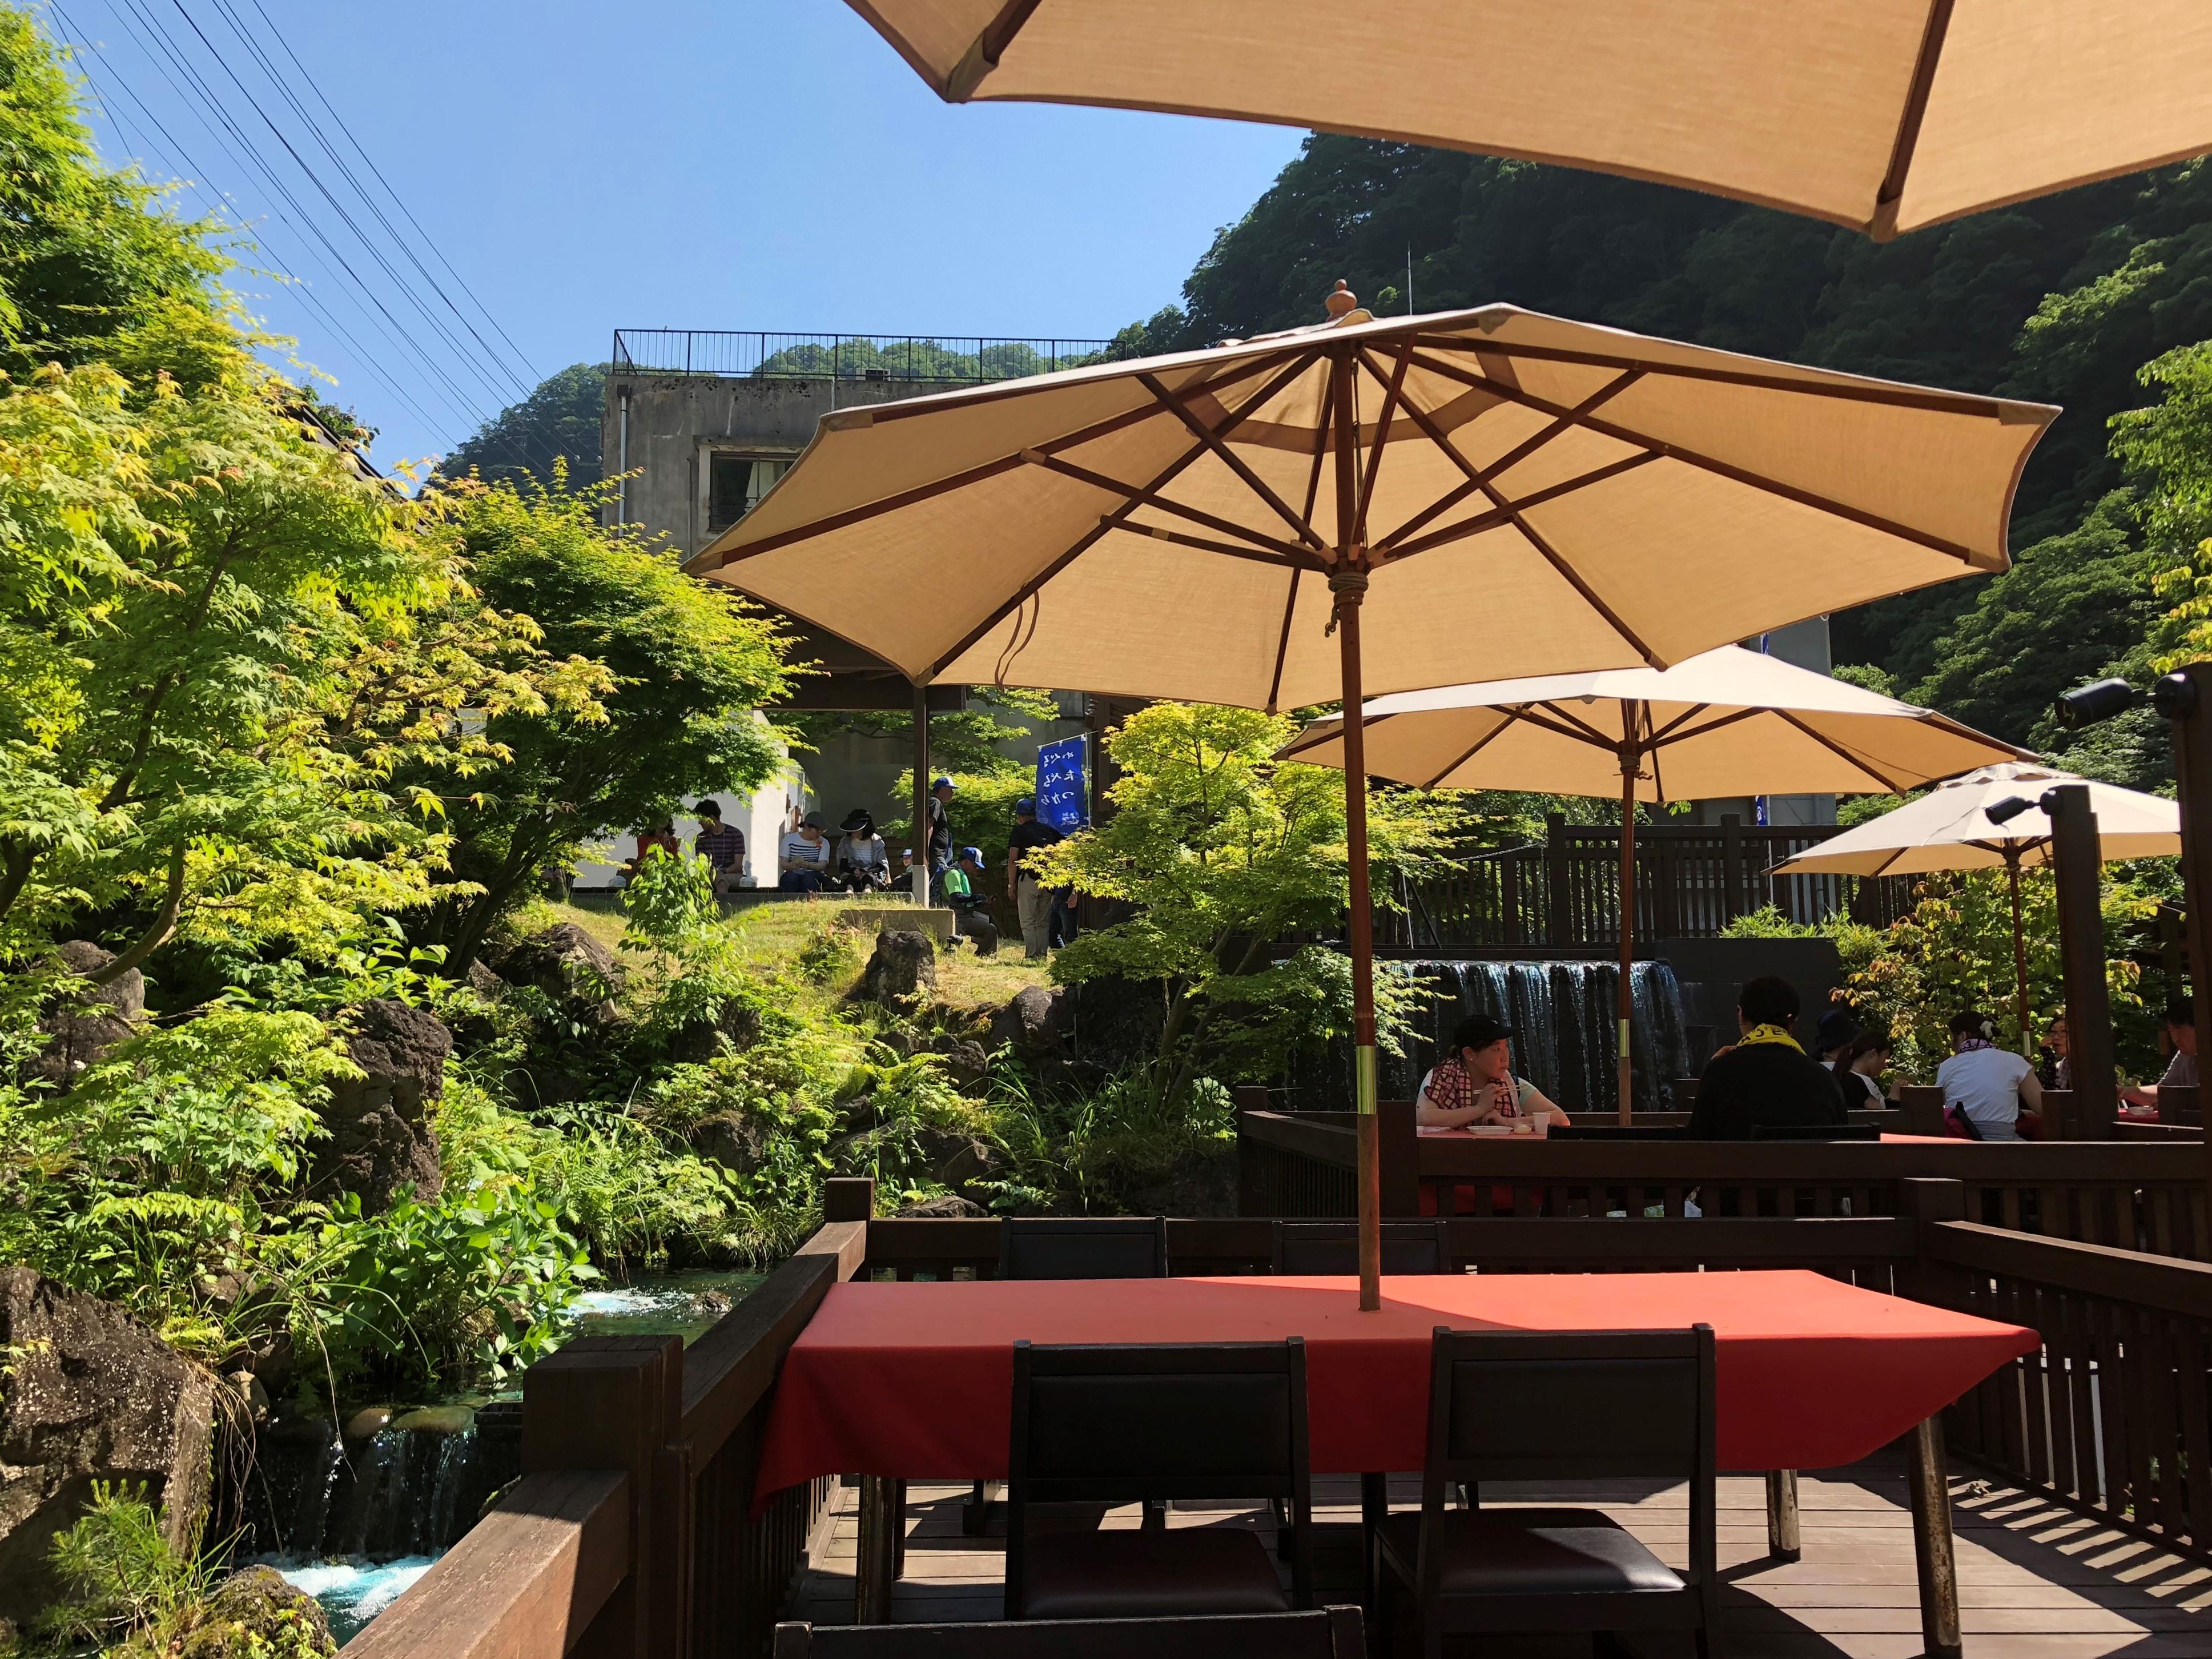 """The 2nd Onsen Gastronomy Walking In Aizuwakamatsu Ƹ©æ³‰ã'¬ã'¹ãƒˆãƒãƒŽãƒŸãƒ¼ãƒ""""ーリズム Å…¬å¼ã'µã'¤ãƒˆ Onsen Gastronomy Tourism Association"""